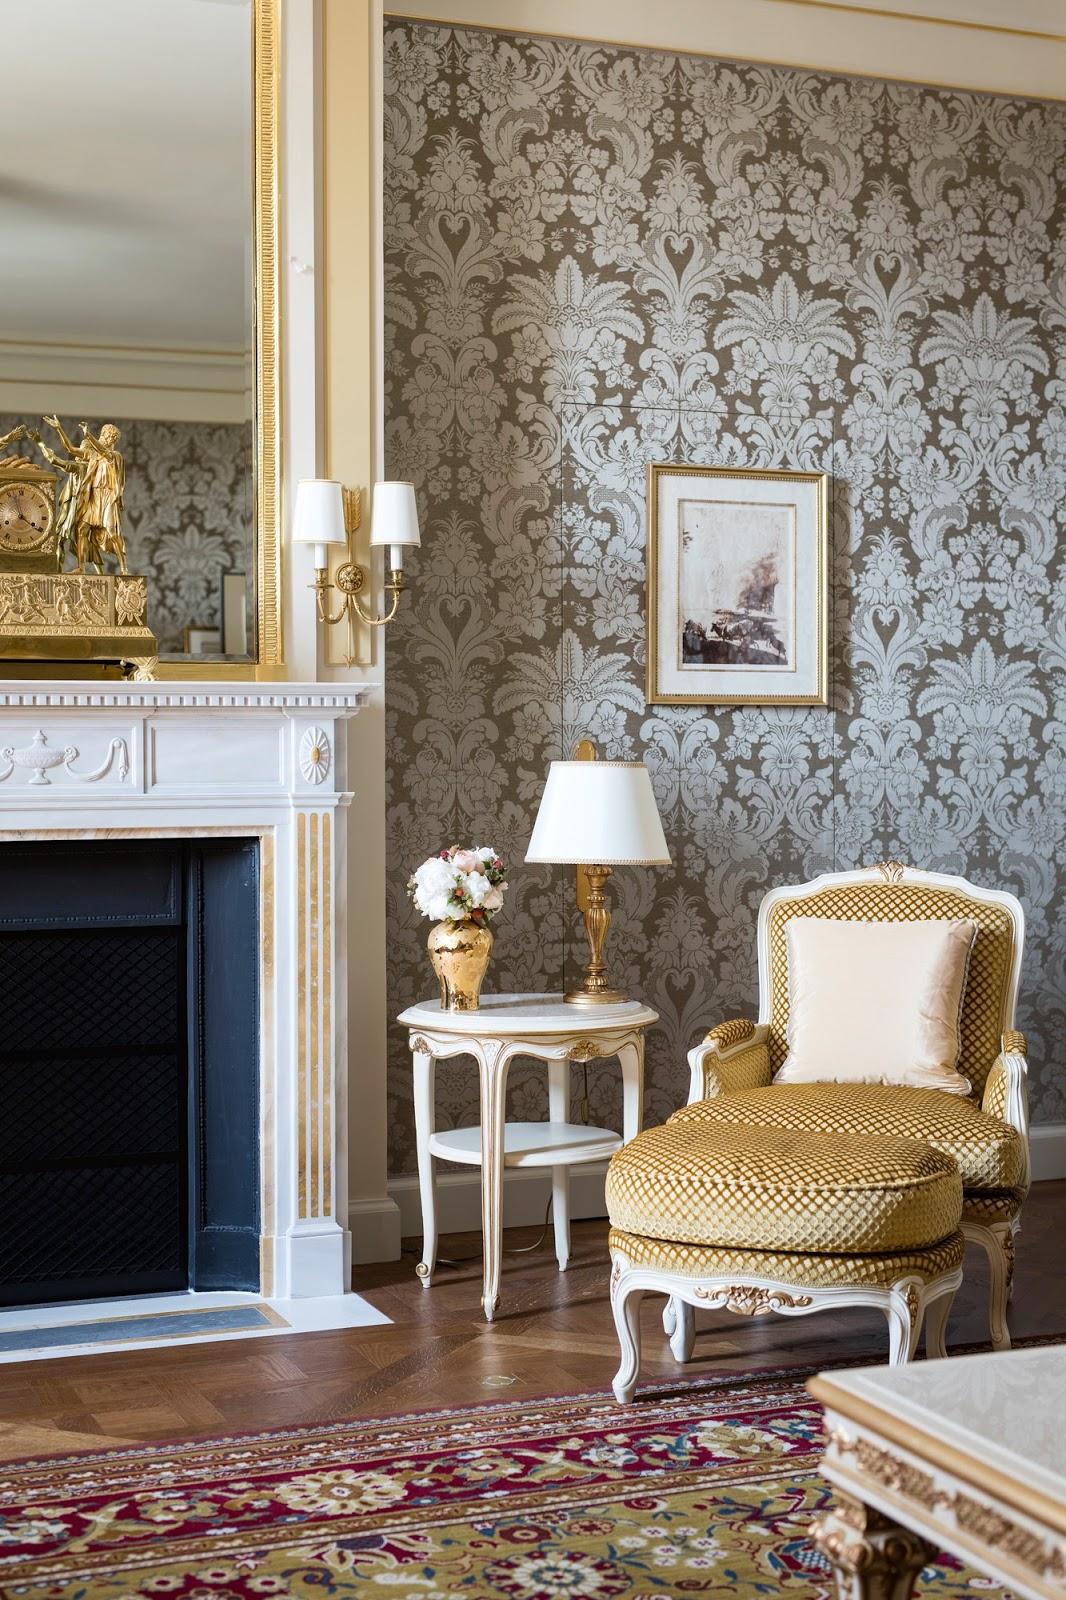 Glamorous Spaces  The Ritz Paris Hotel on Place Vendme